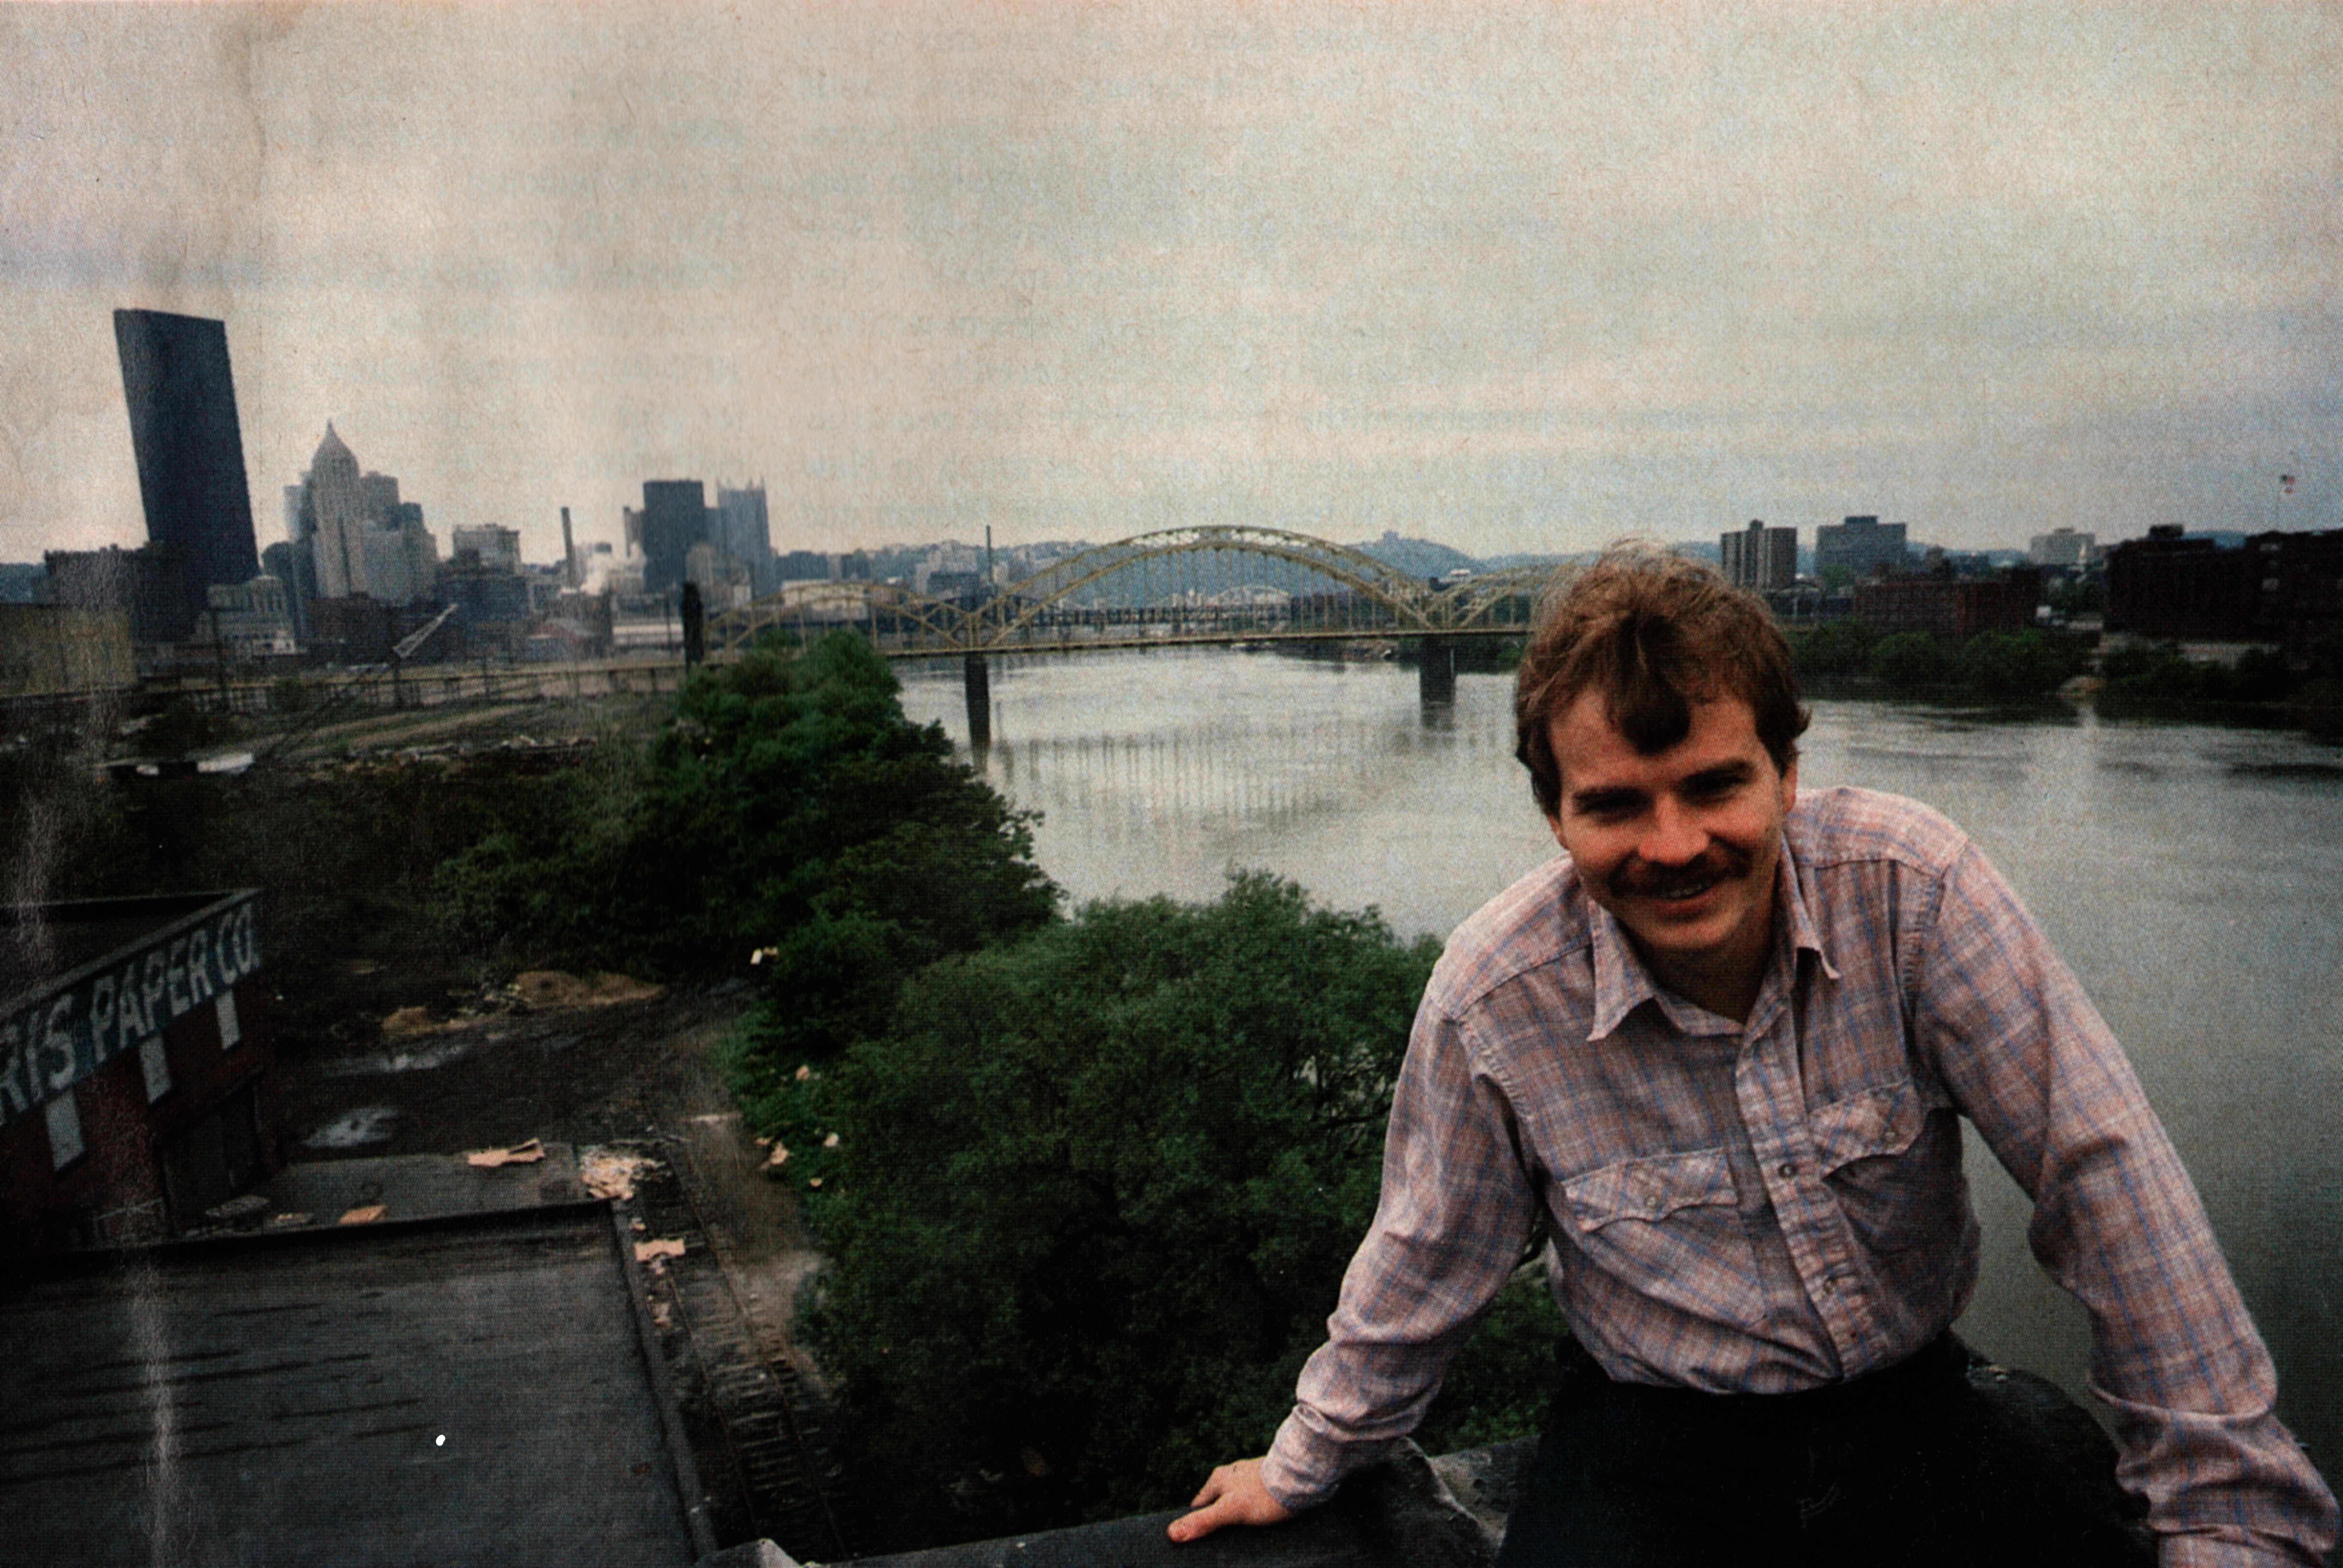 Sullivan overlooking Buncher's city land.